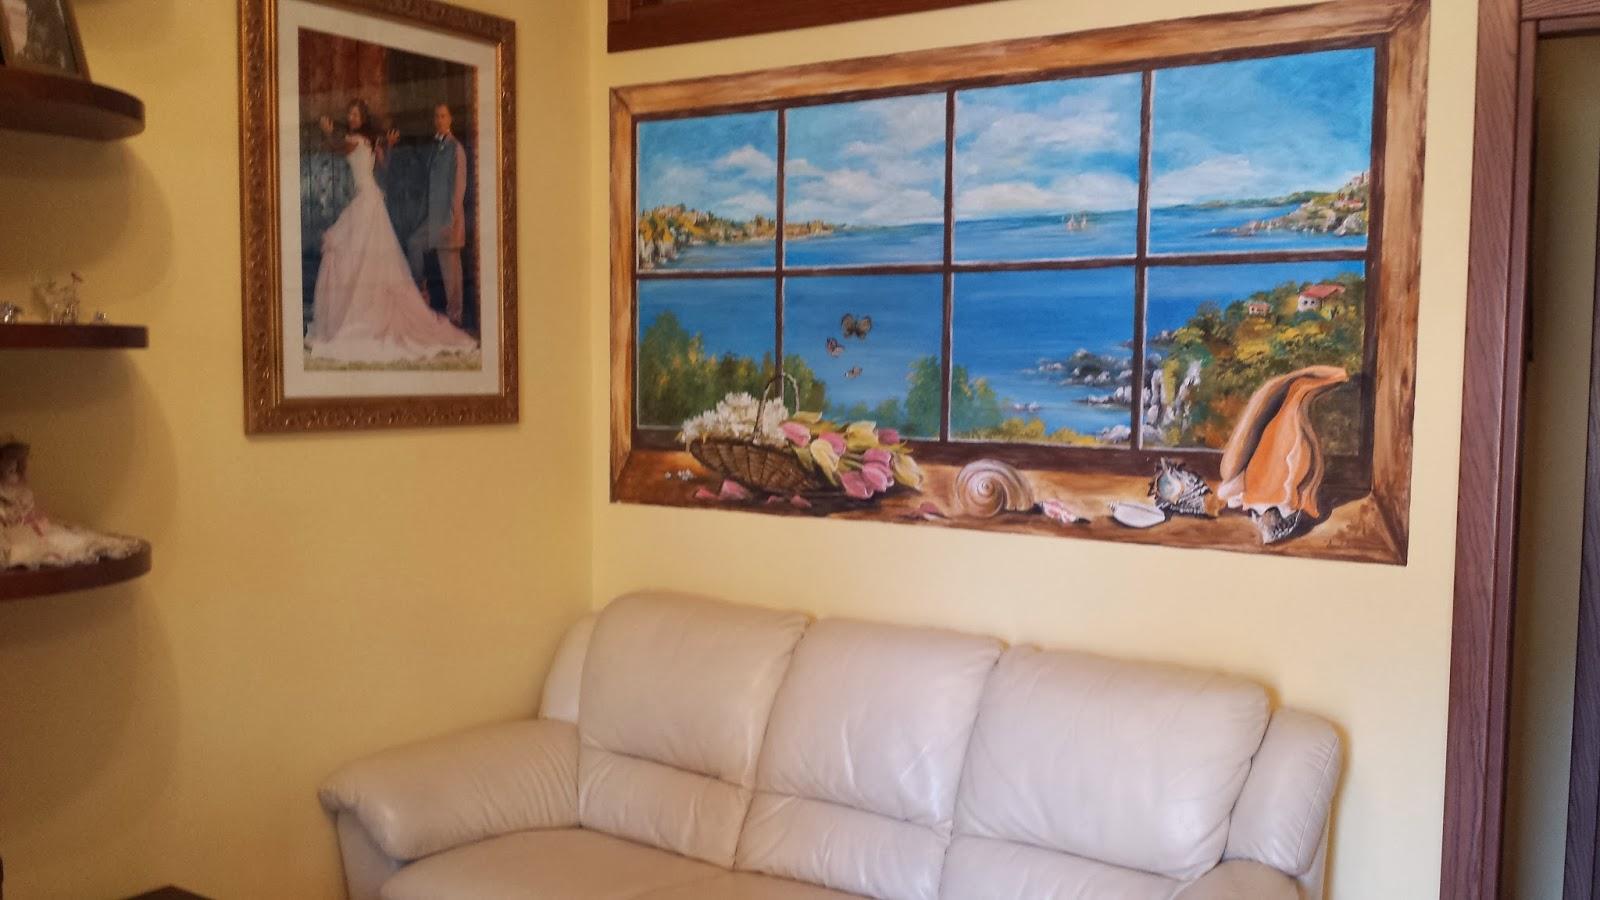 Donatella e l 39 amore per ogni cosa trompe l 39 oeil attraverso una finestra - Trompe l oeil finestra ...